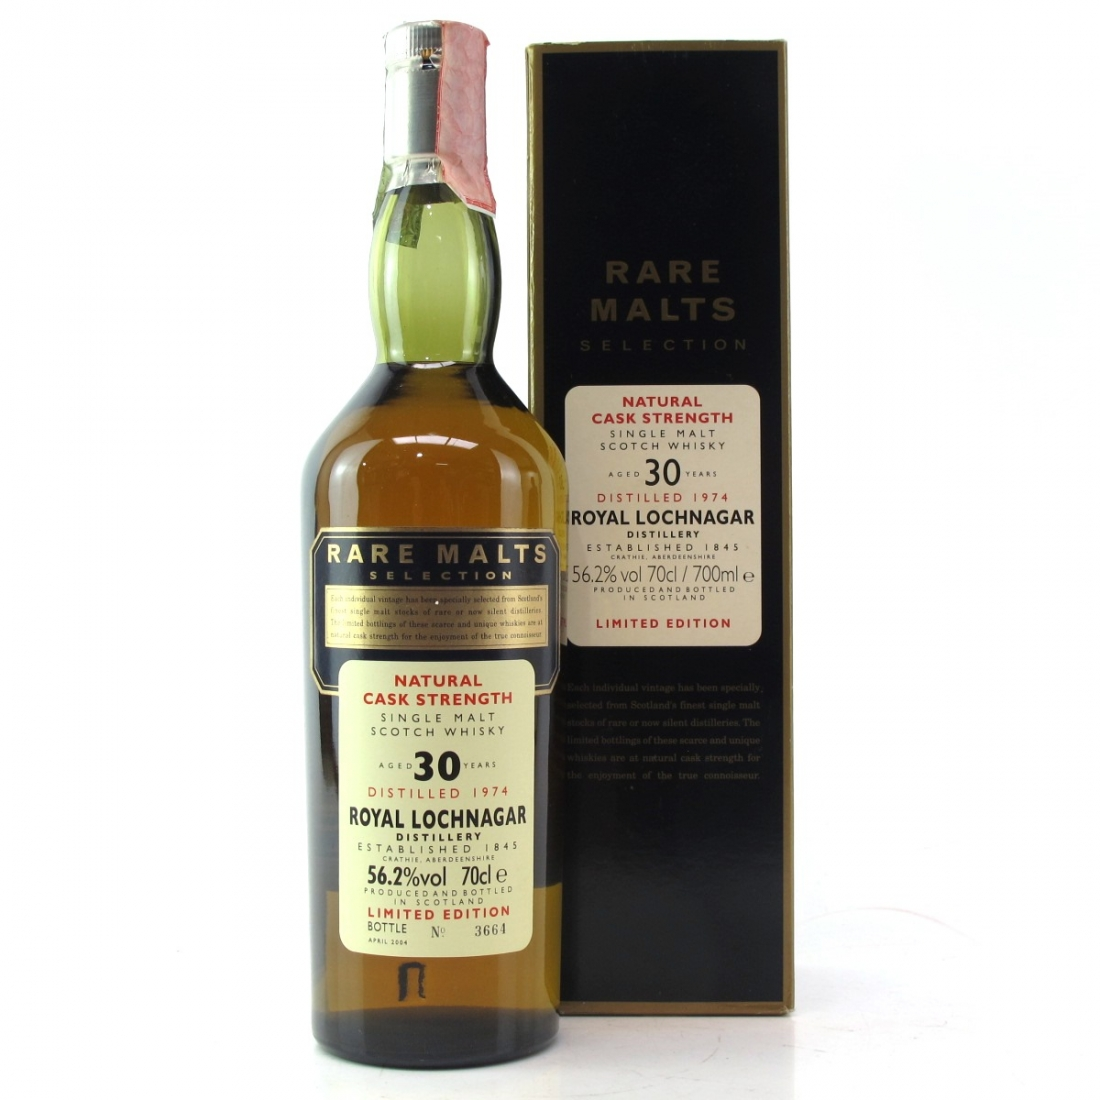 Royal Lochnagar 1974 Rare Malt 30 Year Old / 56.2%